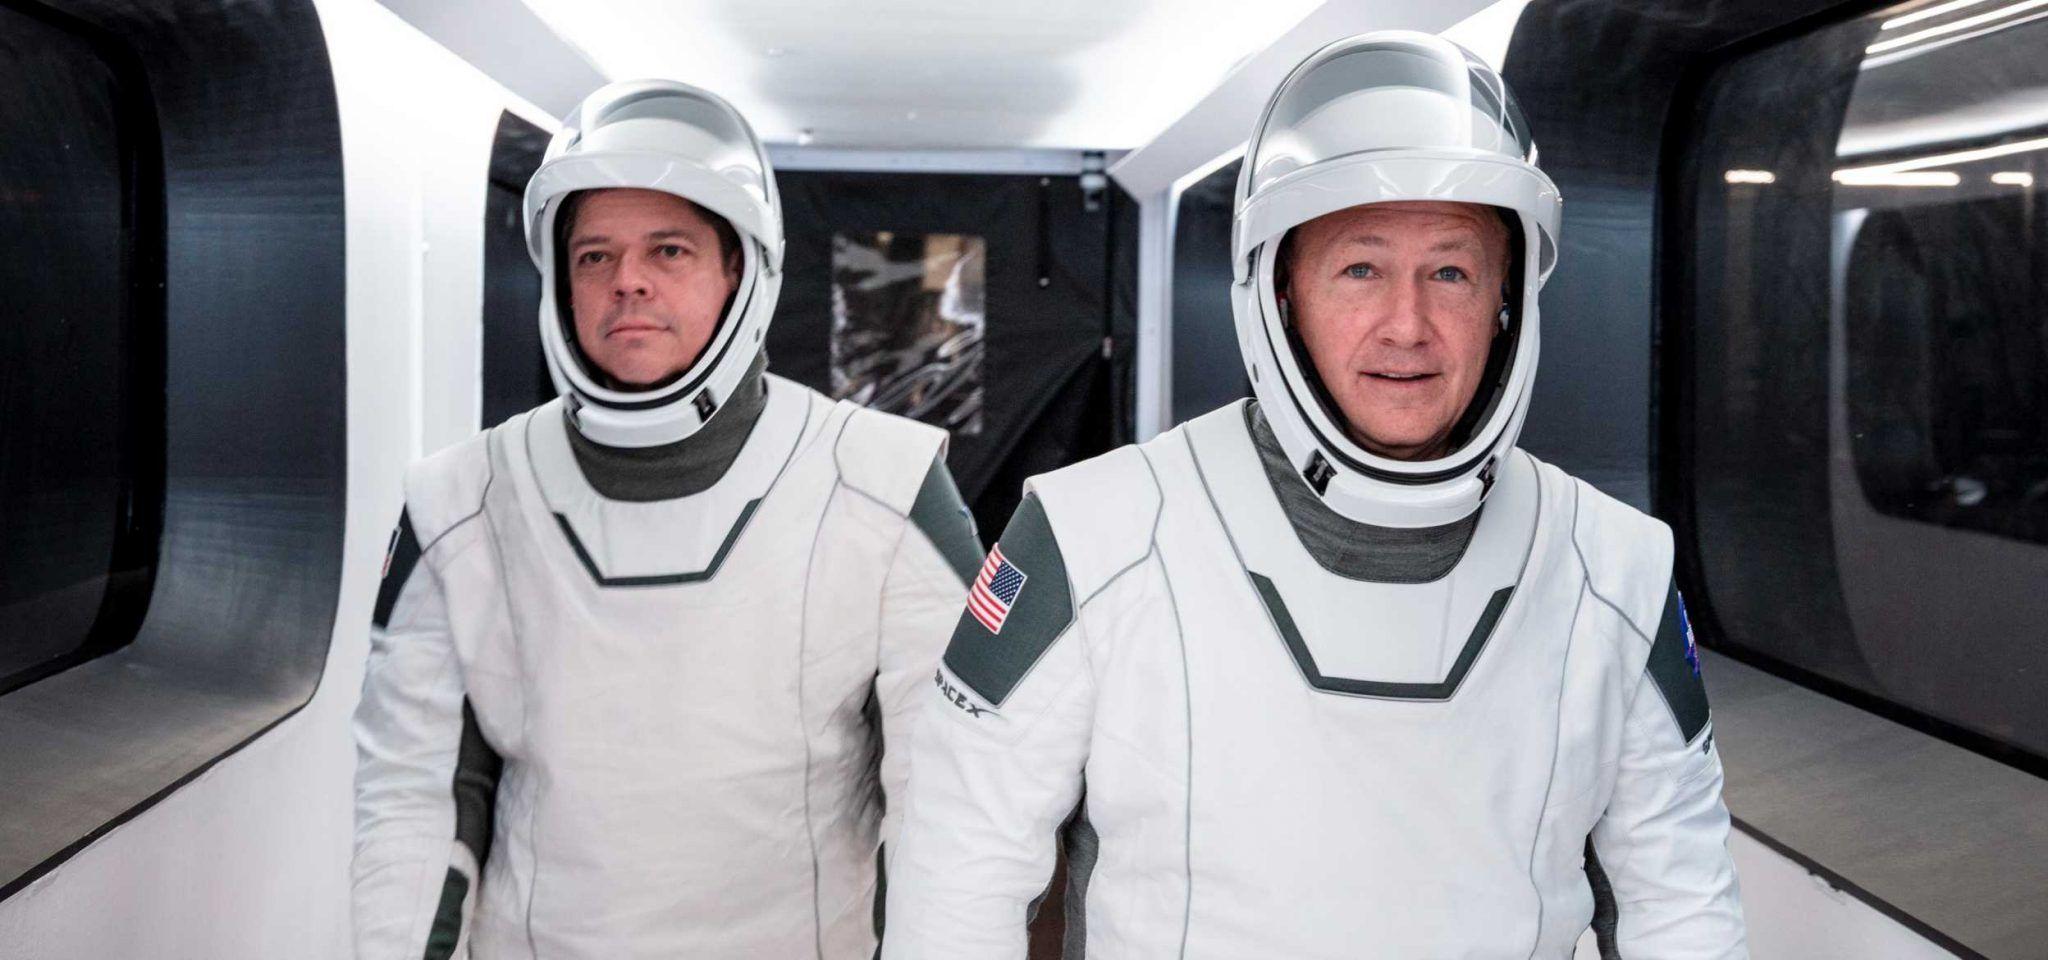 首家送宇航员上太空的私企,SpaceX 如何创造历史